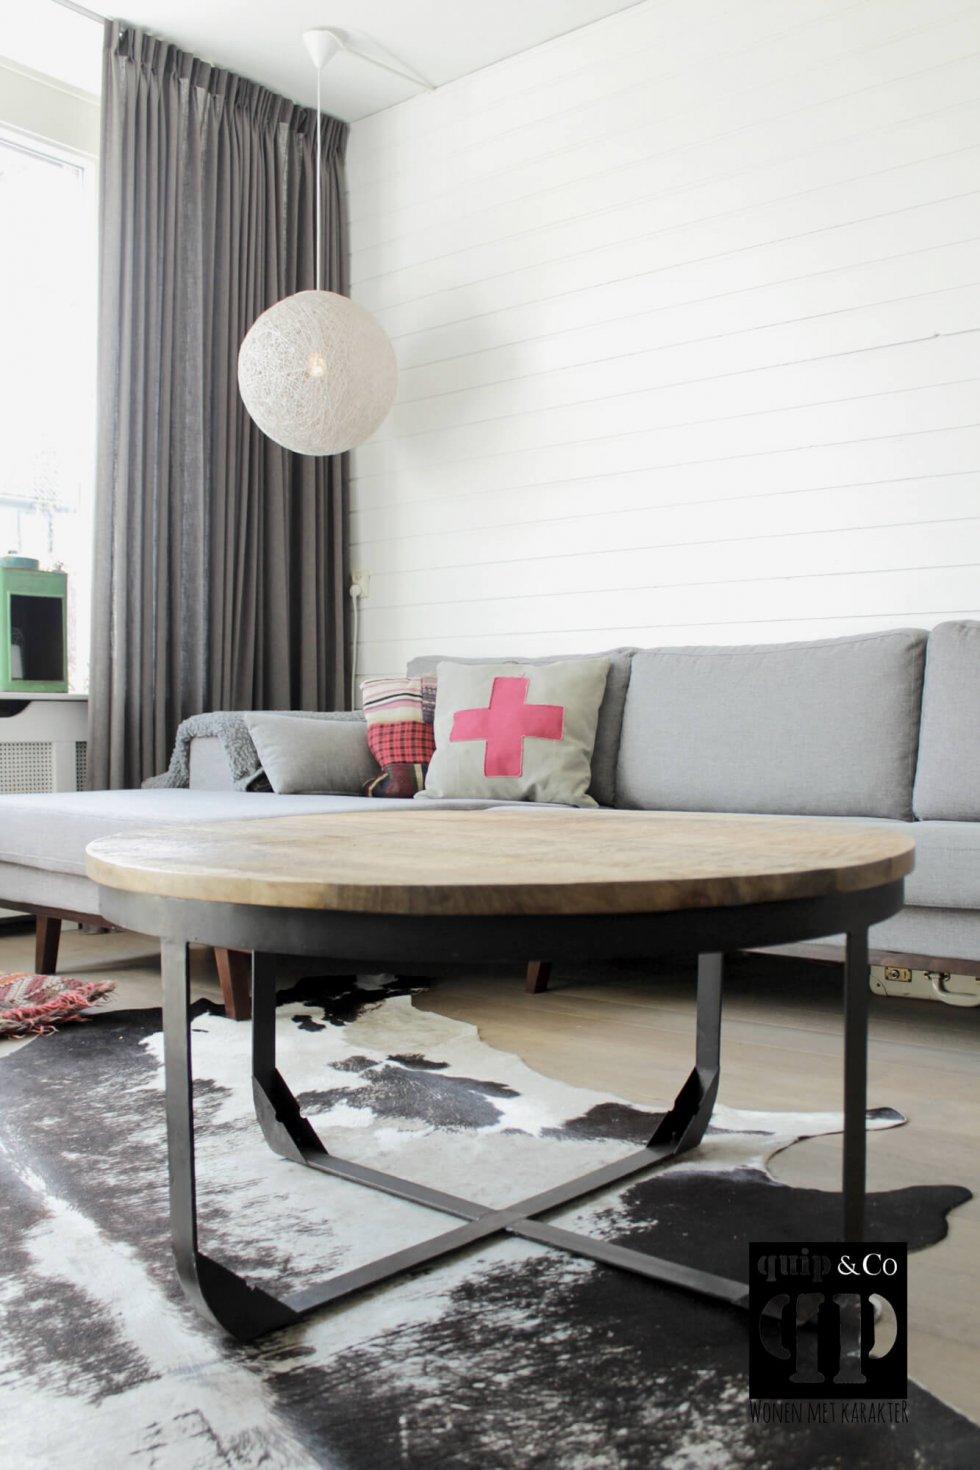 T016 Industriële salontafel met rond blad van massief mango hout en ijzeren frame van quip&Co